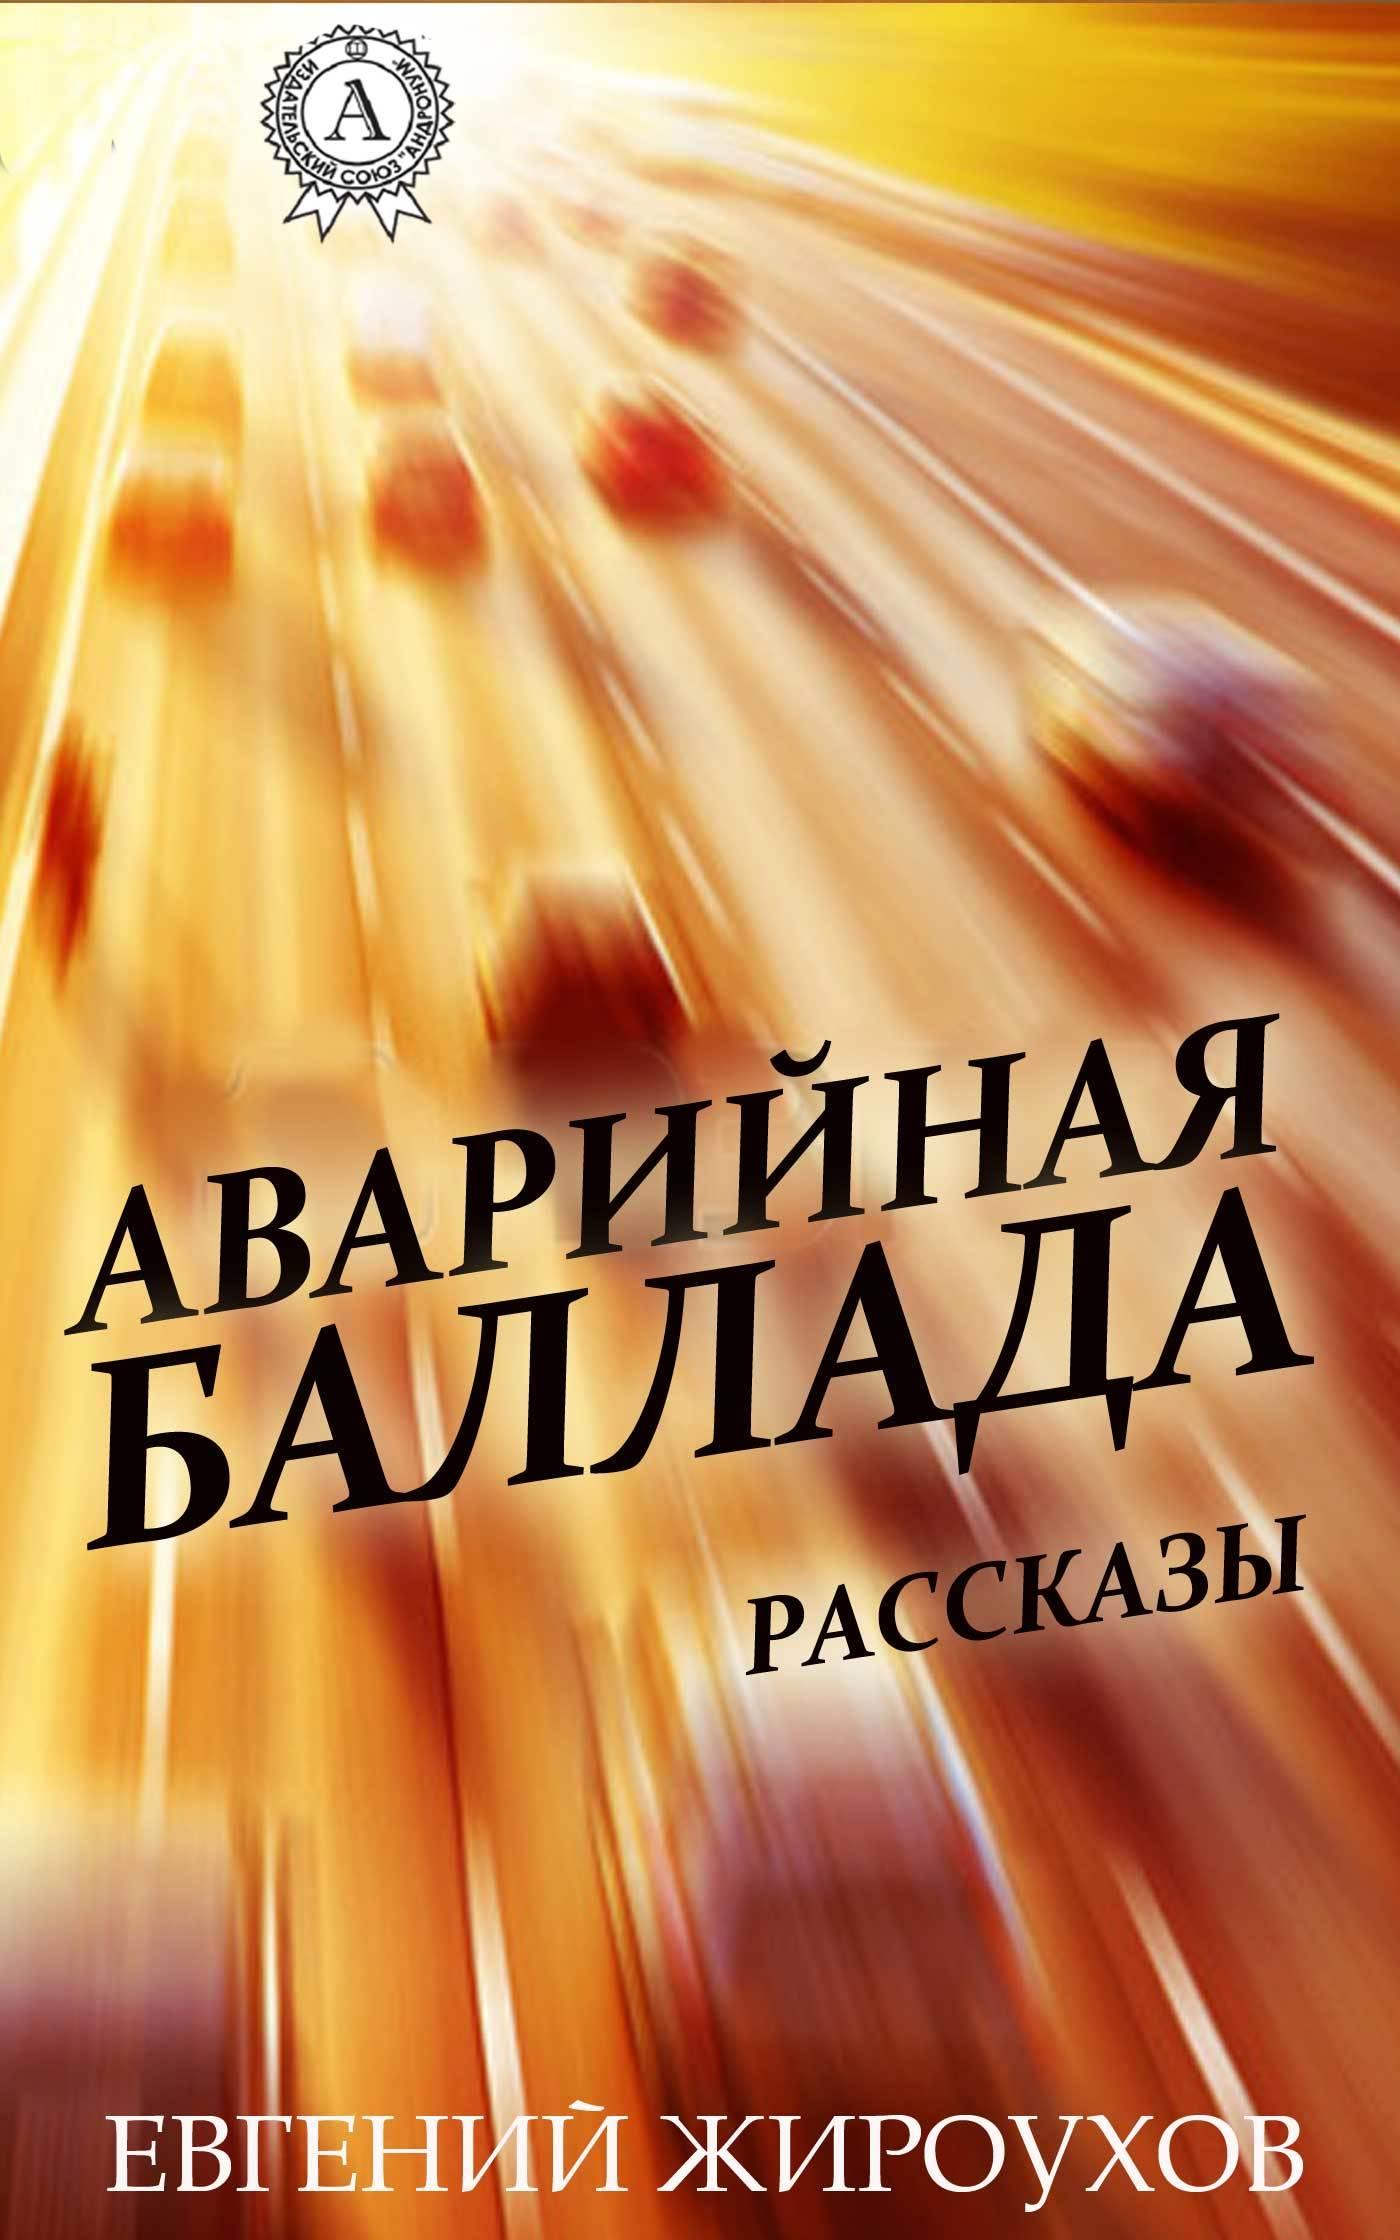 занимательное описание в книге Евгений Жироухов